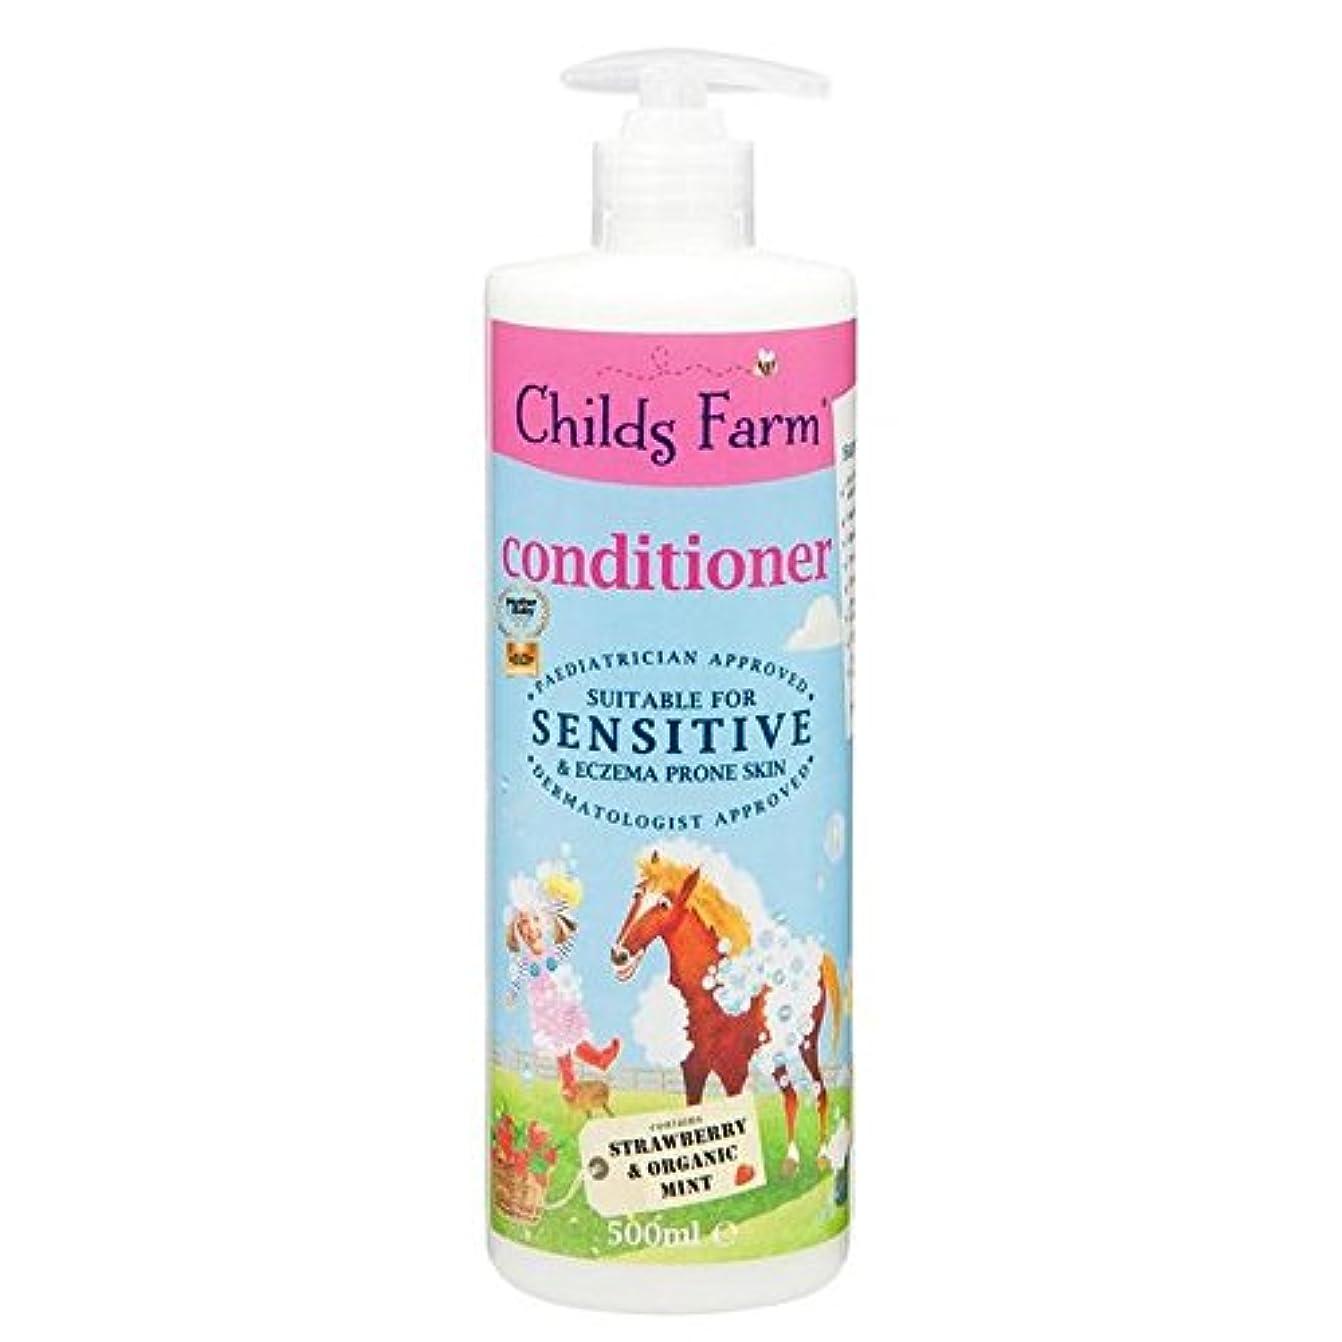 ペルー忘れっぽい勇気のあるChilds Farm Conditioner for Unruly Hair 500ml (Pack of 6) - 手に負えない髪の500ミリリットルのためのチャイルズファームコンディショナー x6 [並行輸入品]